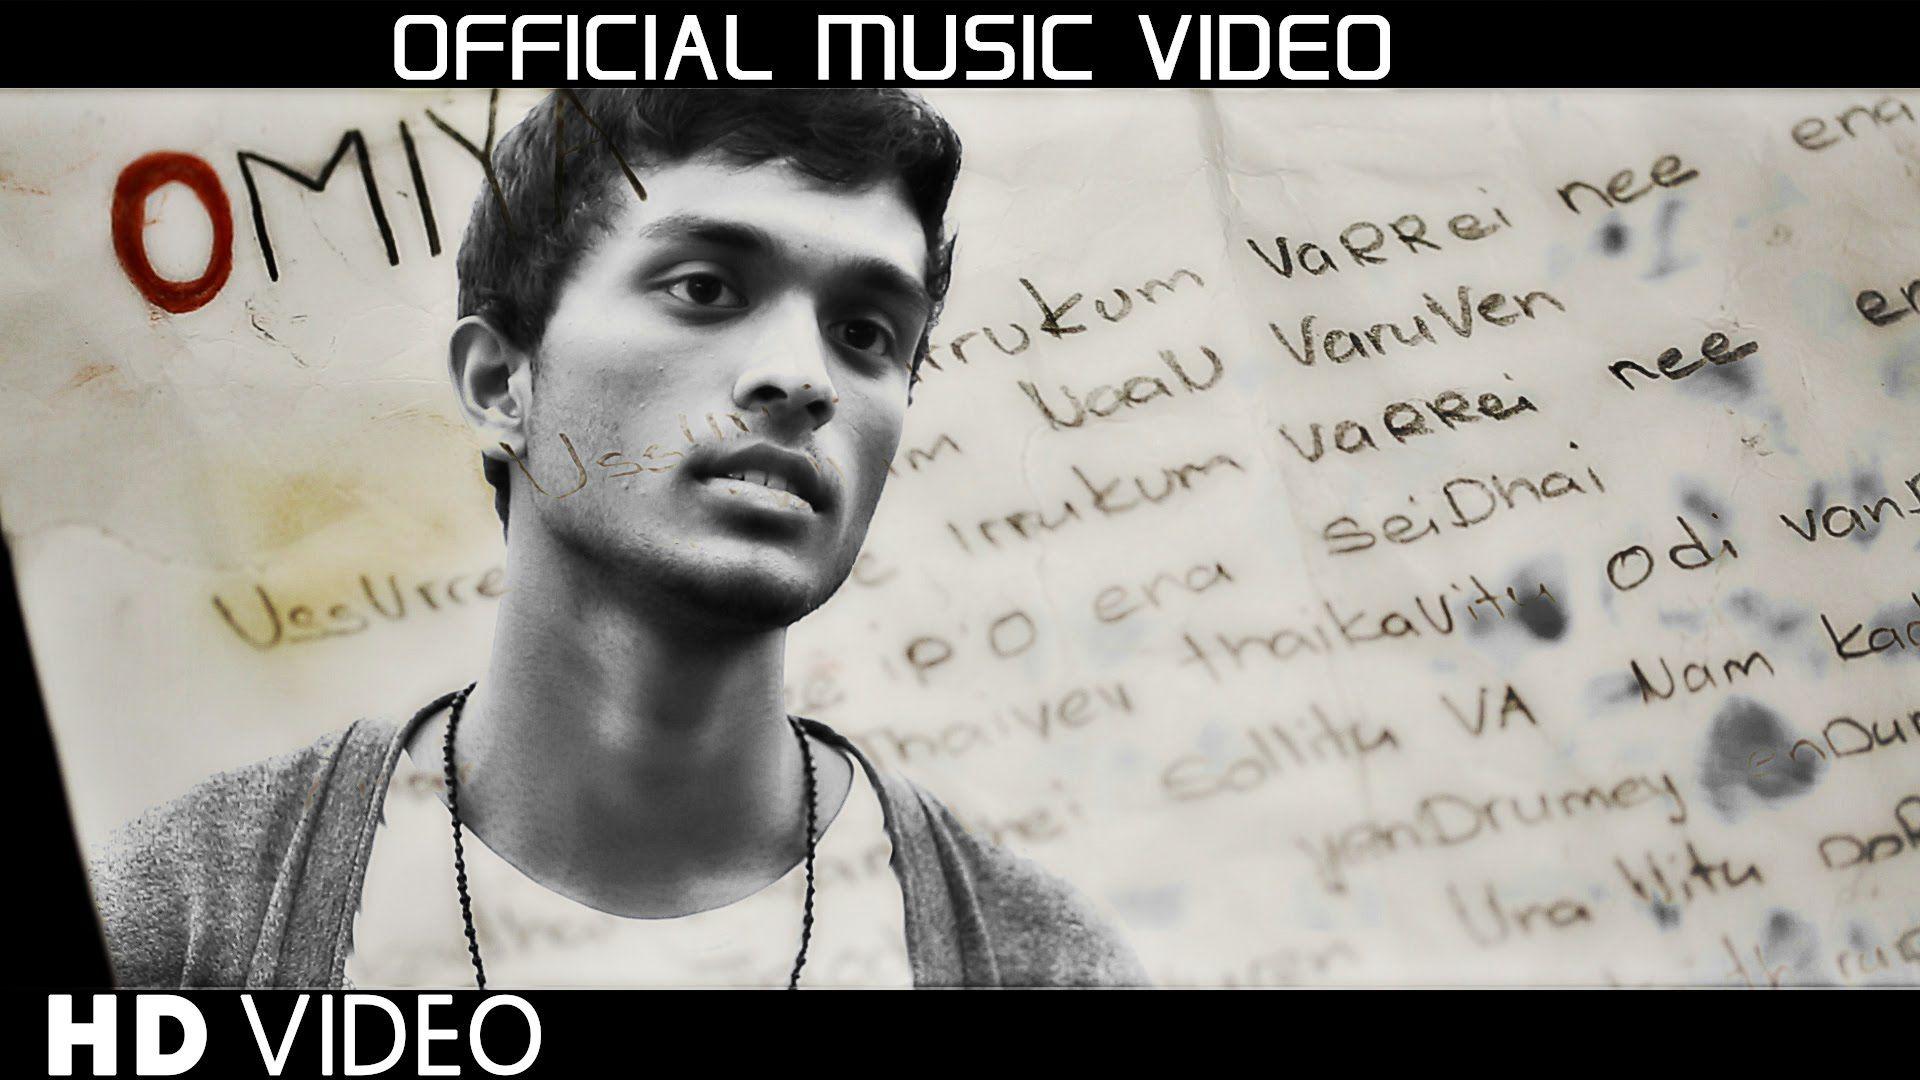 tamil album song muttu muttu enna muttu mp3 download video